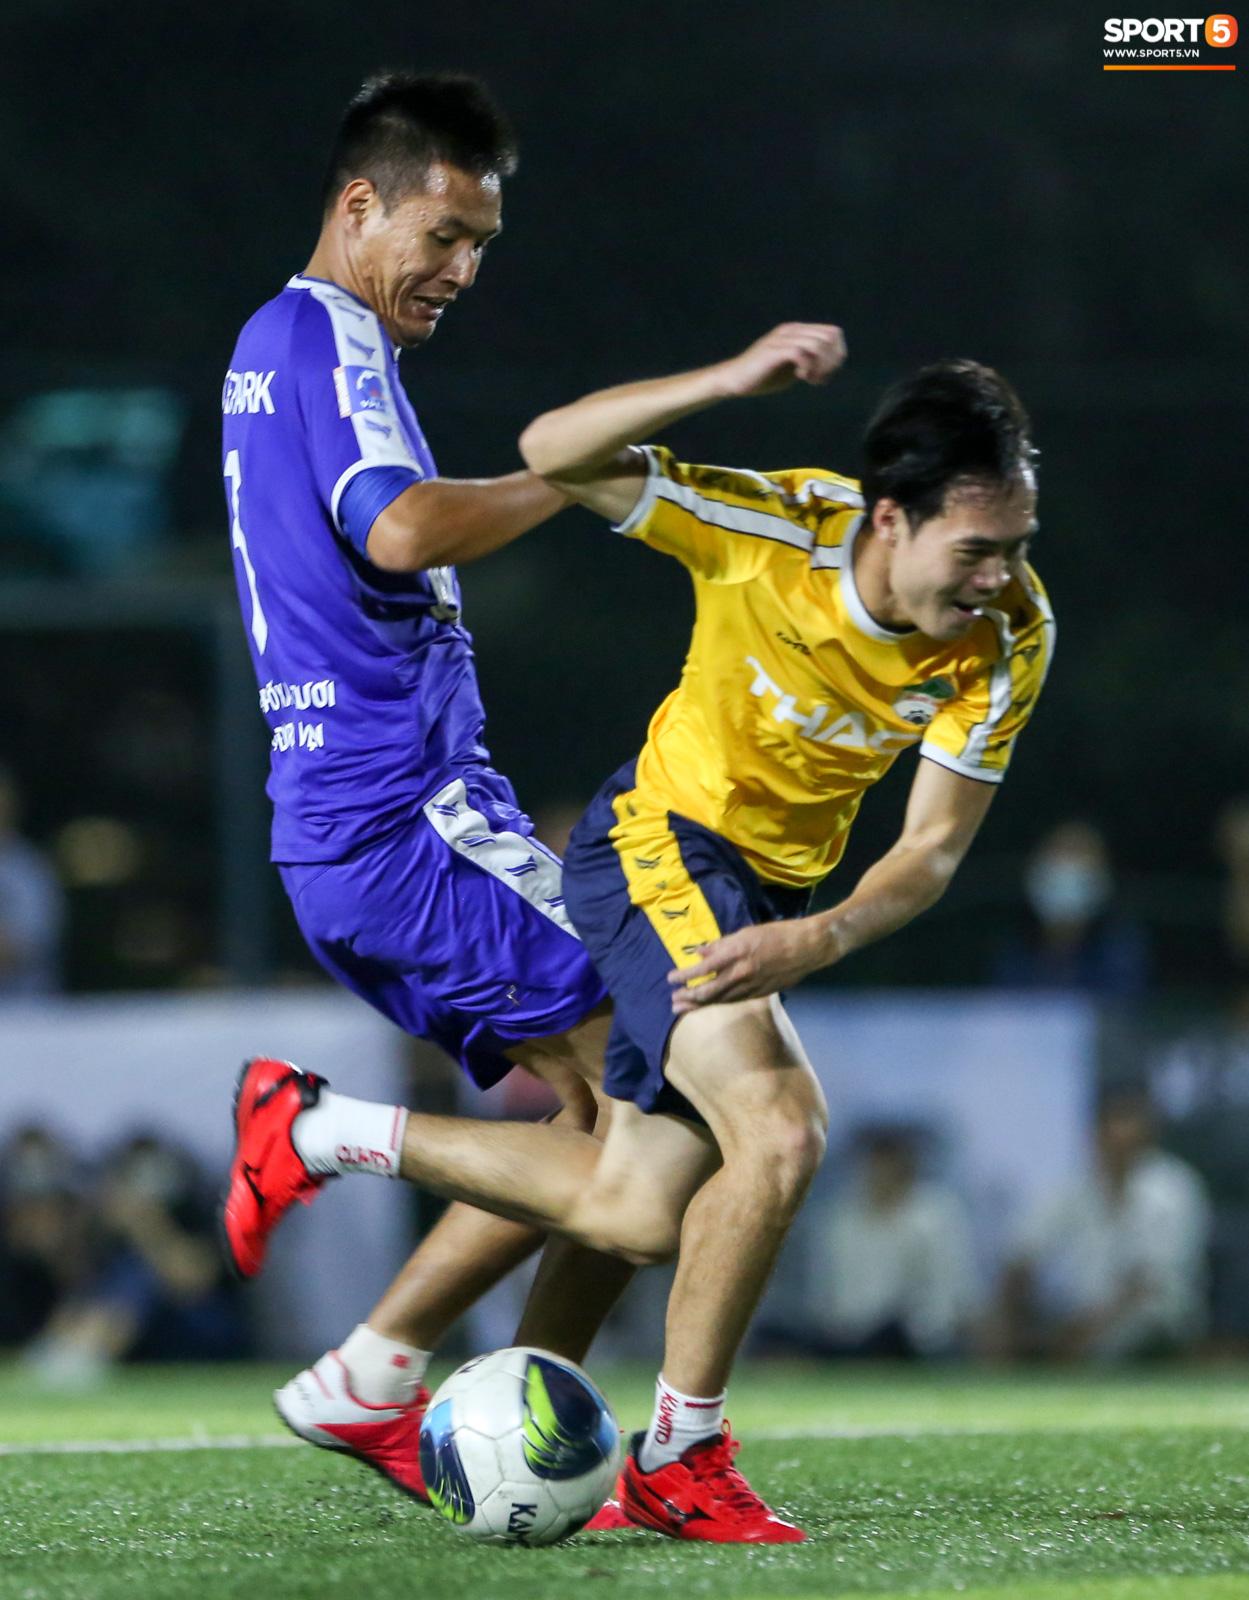 Văn Toàn khiến Phan Hải ngã sõng xoài, làm tất cả trầm trồ với tốc độ khác người trong trận đấu từ thiện - ảnh 7